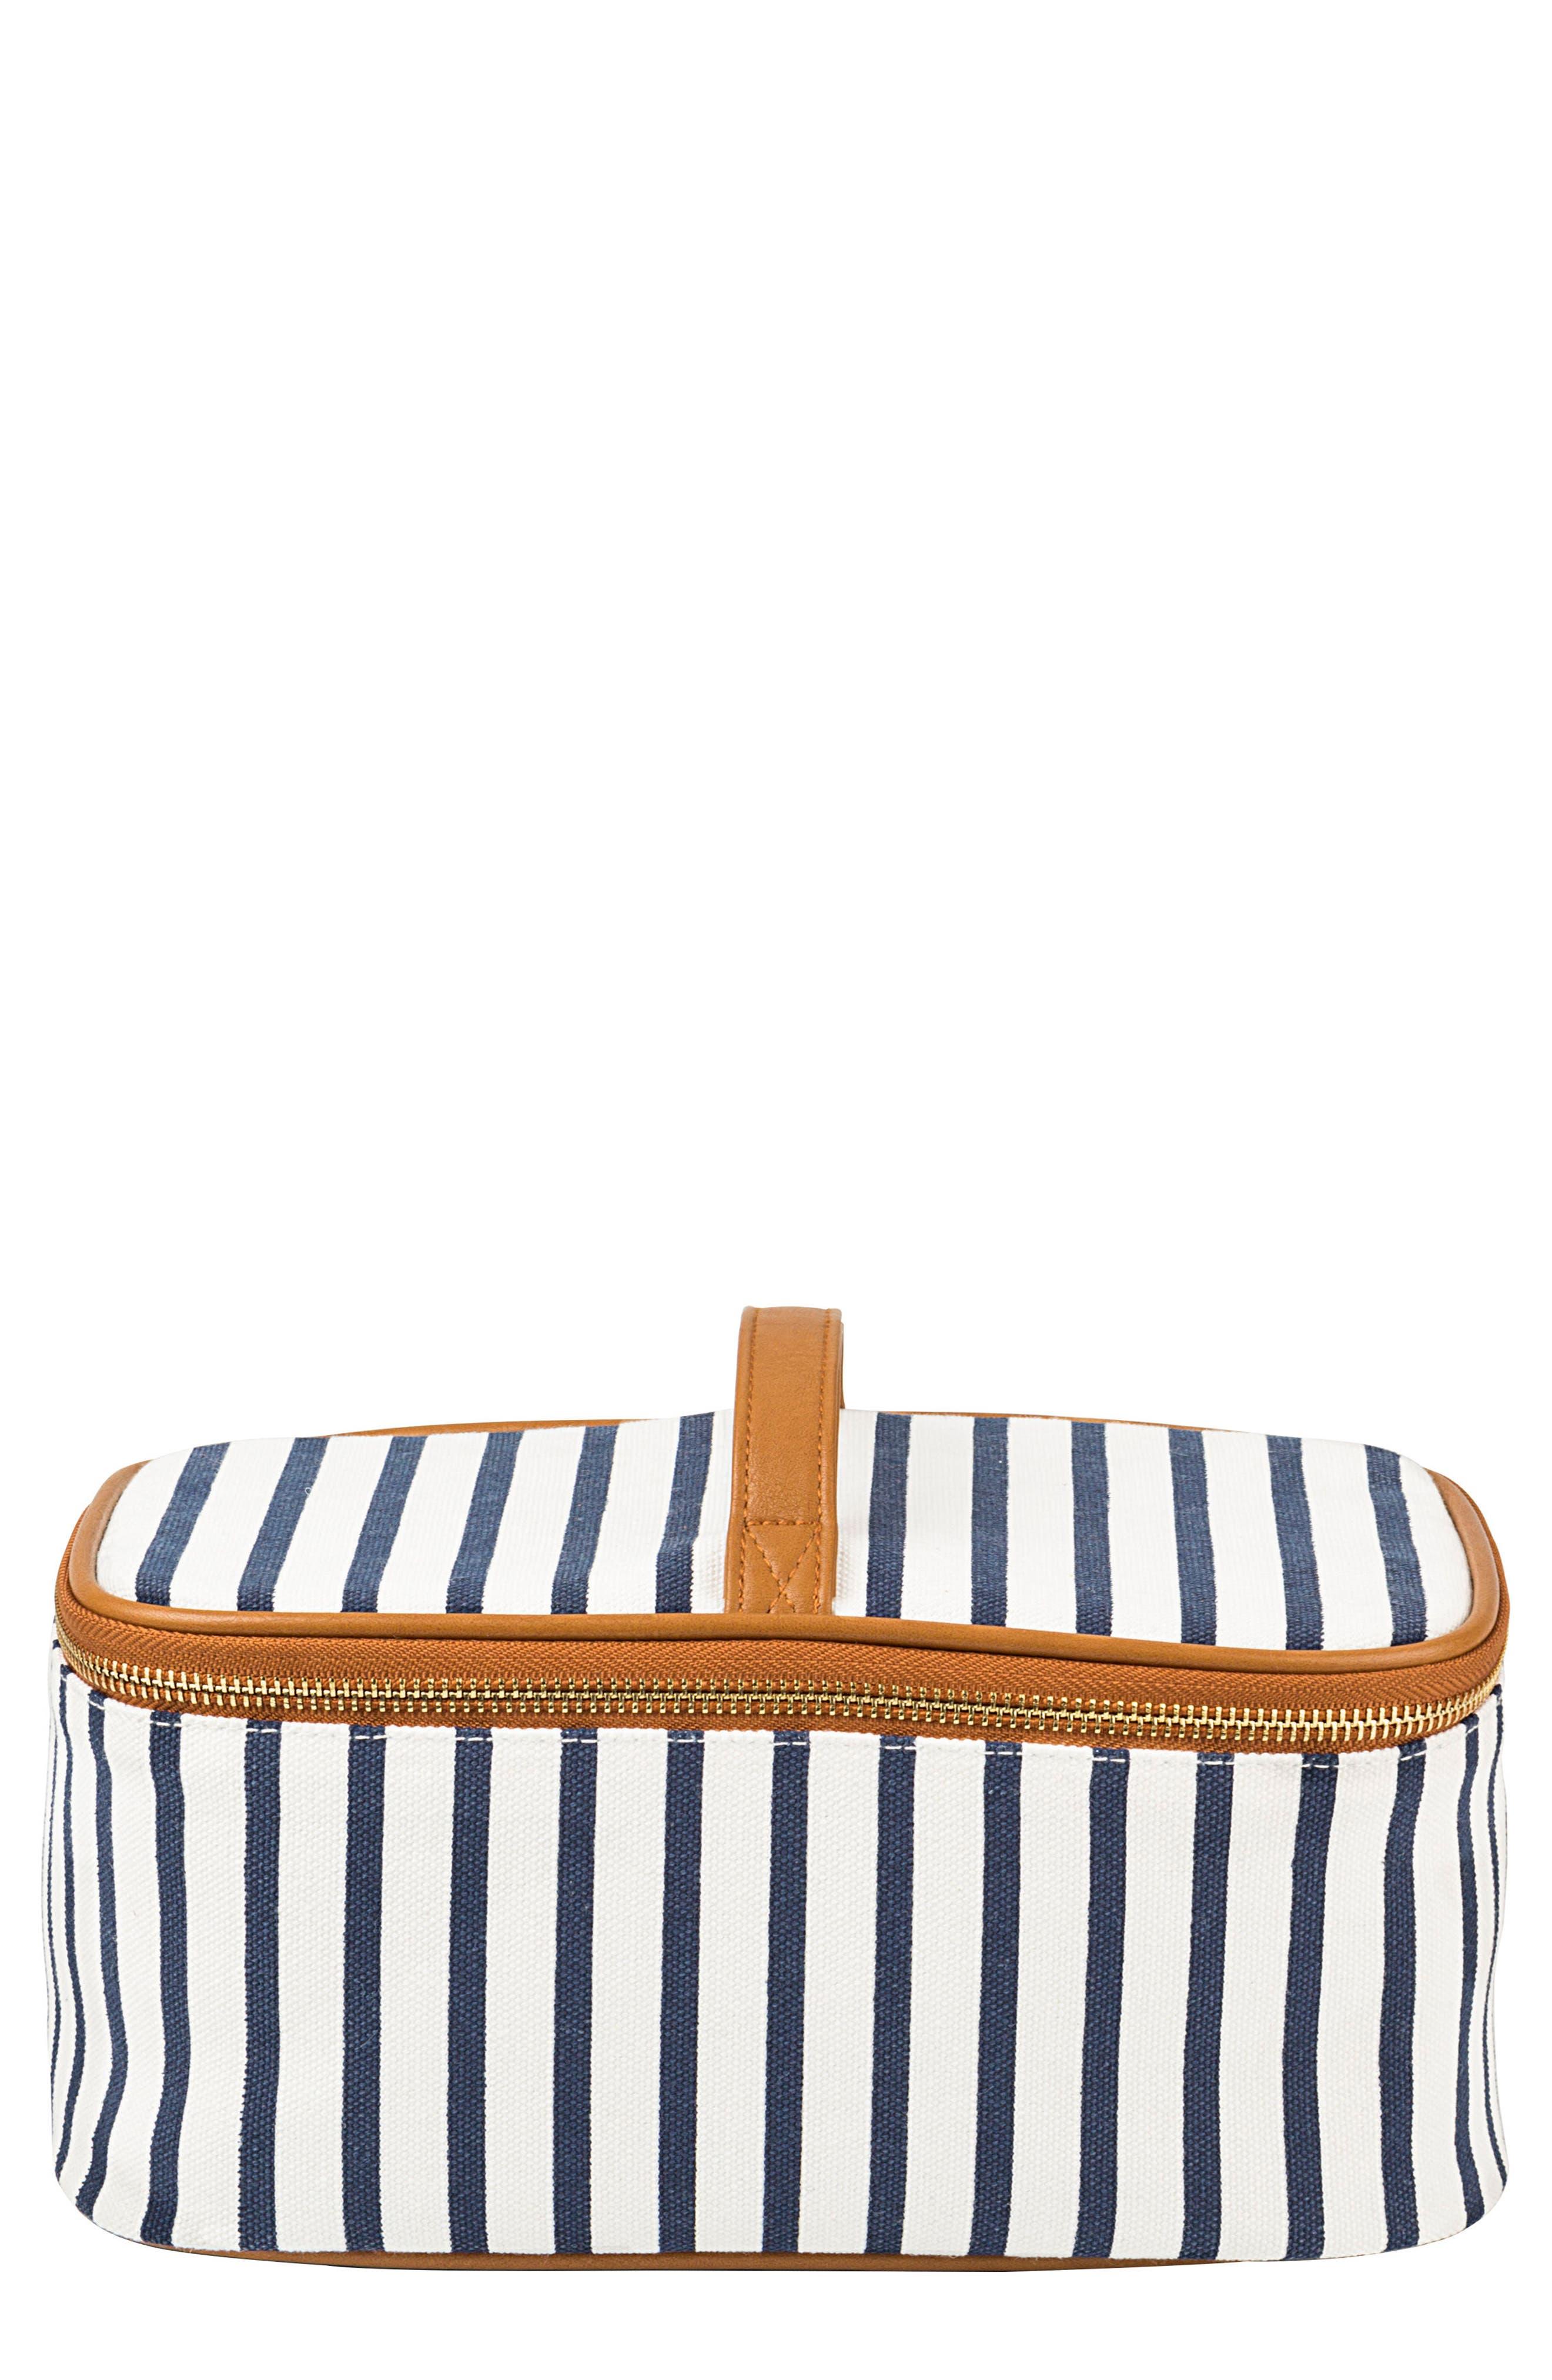 Monogram Stripe Canvas Cosmetics Case,                             Main thumbnail 1, color,                             BLUE